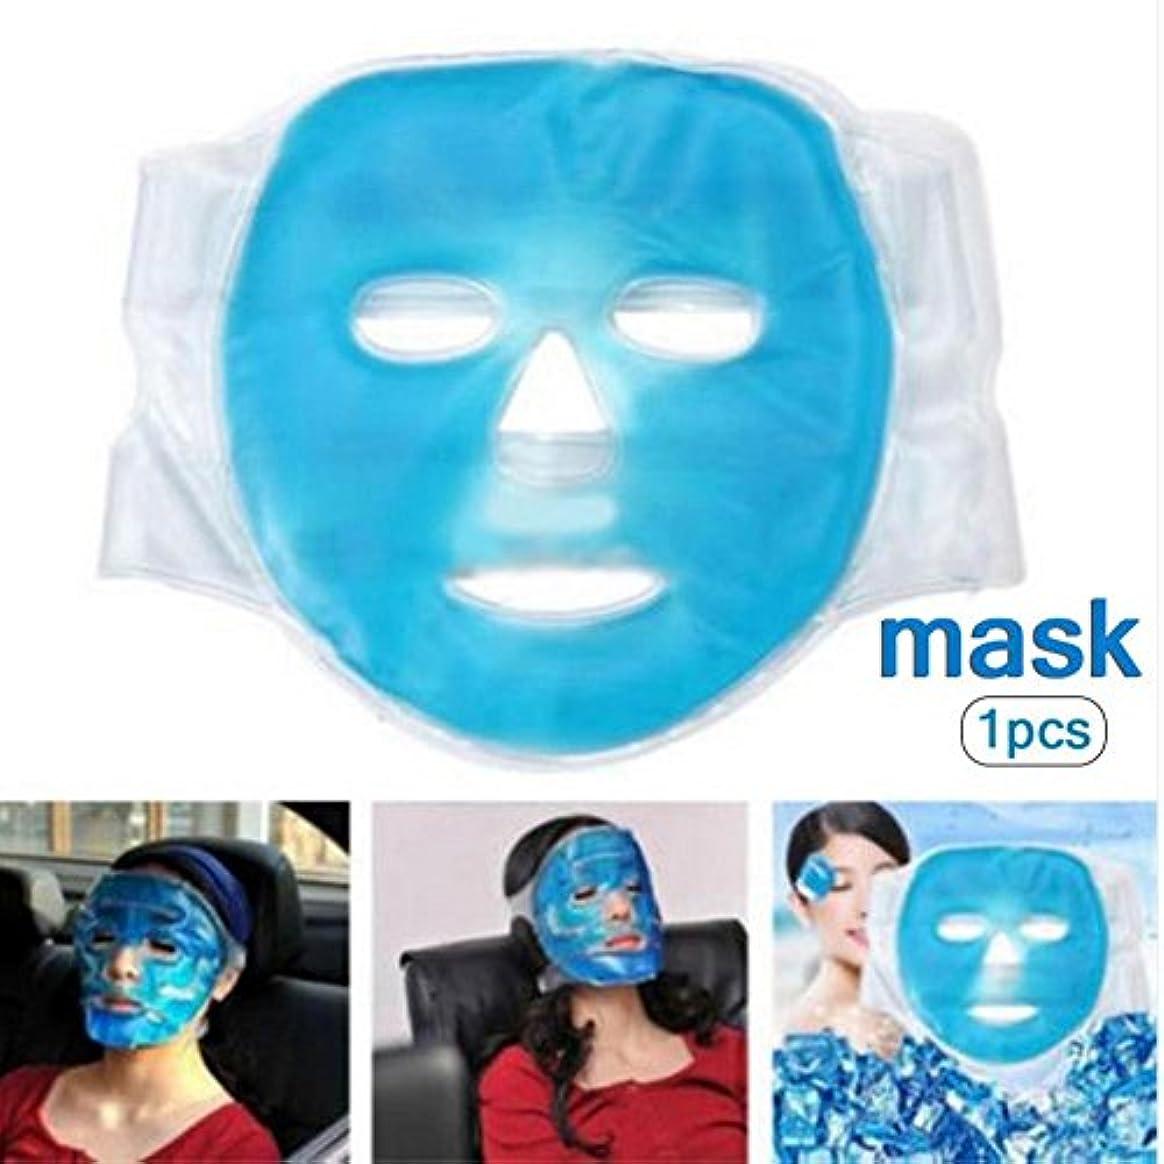 電気的インスタントきれいにフェイスマスク 冷却マスク 美容マスク 冷温兼用 美容用 再利用可能 理学療法 毛細血管収縮 毛穴収縮 睡眠冷却 疲労緩和 肌ケア 保湿 吸収しやすい コールドパックホットパック 美容マッサージ アイスマスク (ブルー)